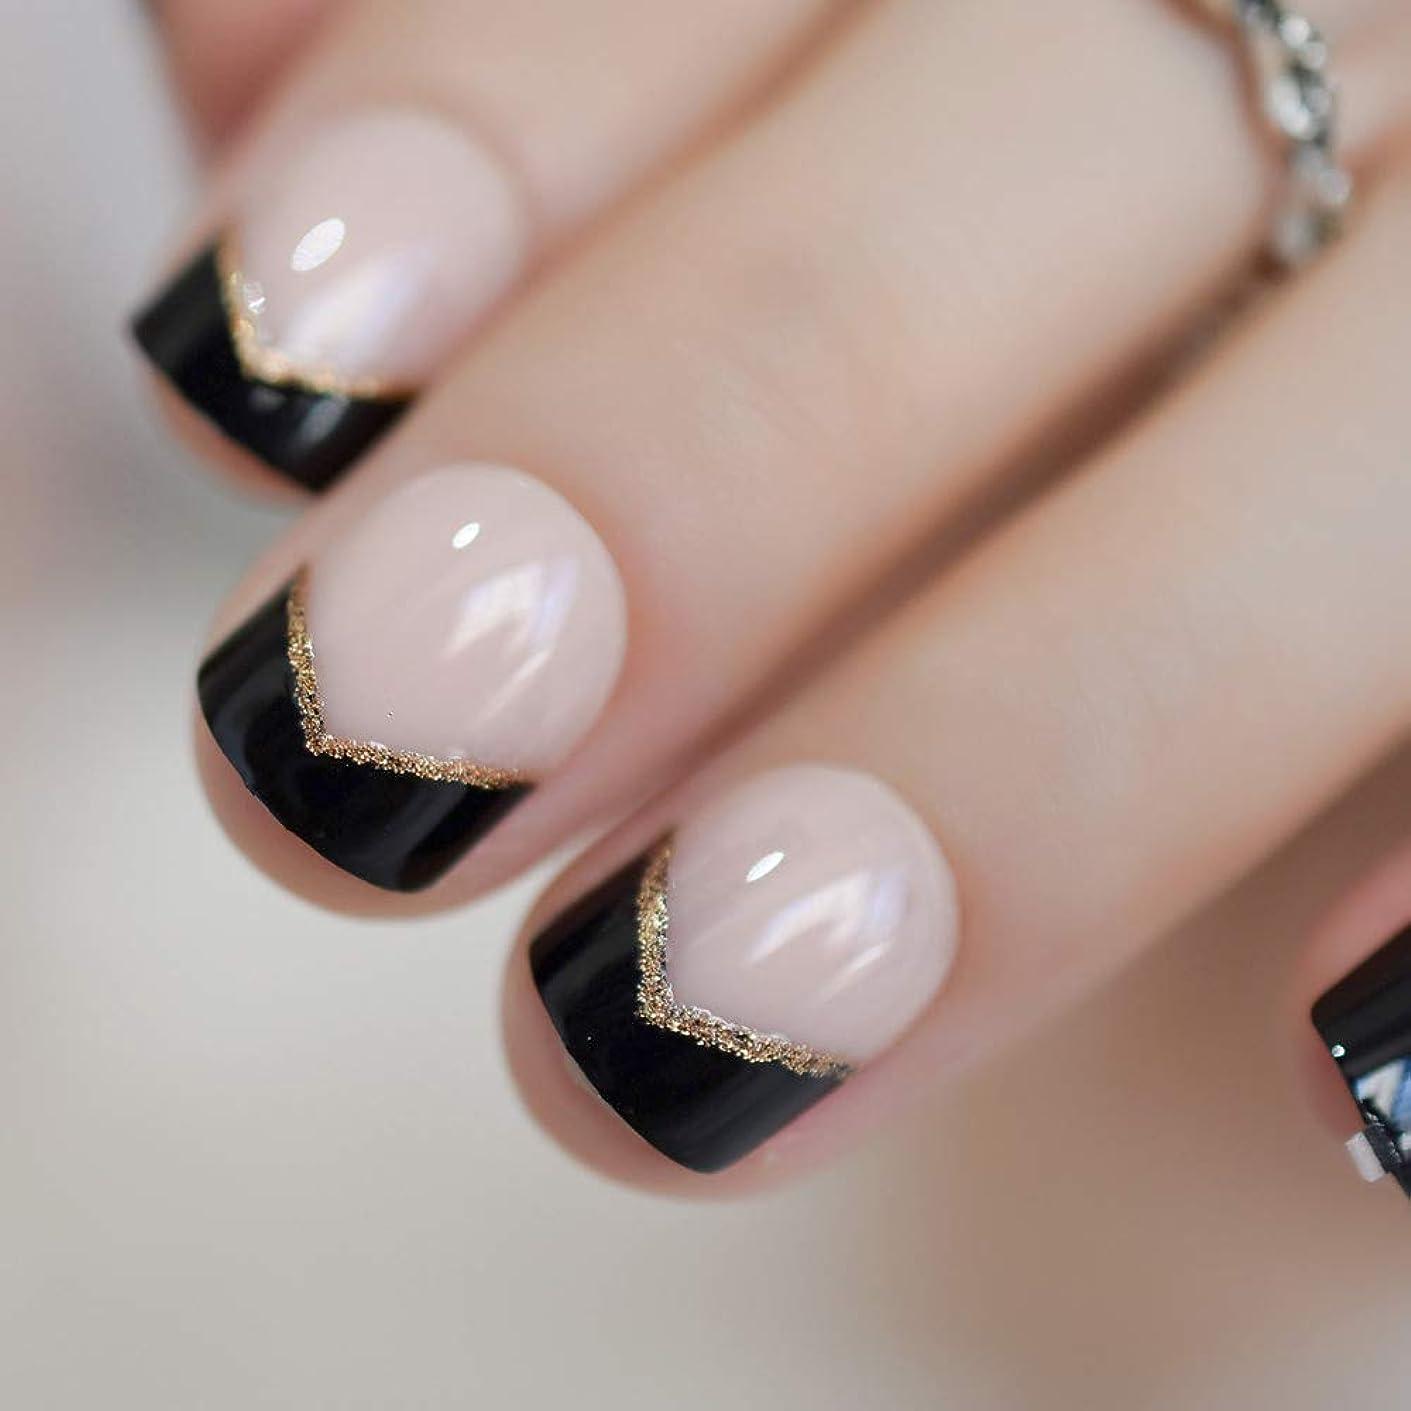 教マイクロプロセッサアフリカXUTXZKA 短い爪黒のヒントゴールドグリッターアングル装飾された女性のための自然な偽の爪